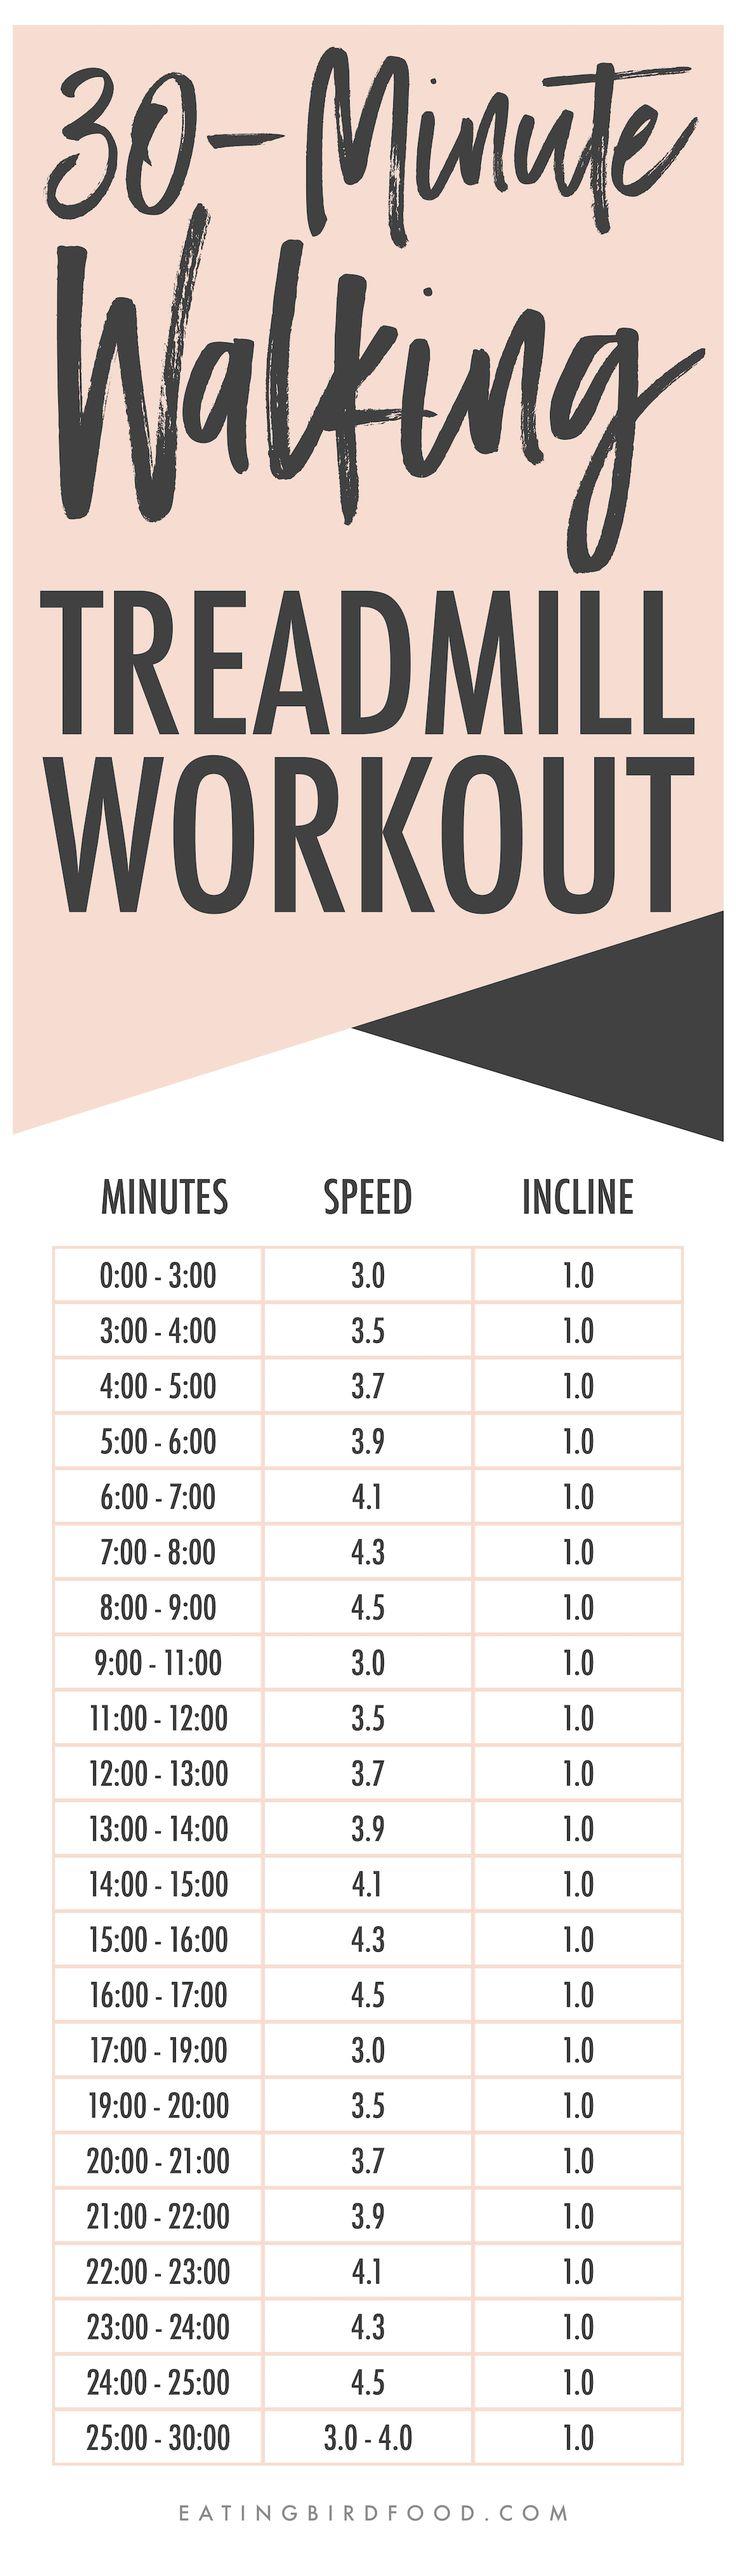 30-Minute Treadmill Workout Jog/Run/Walk - Eating Bird Food